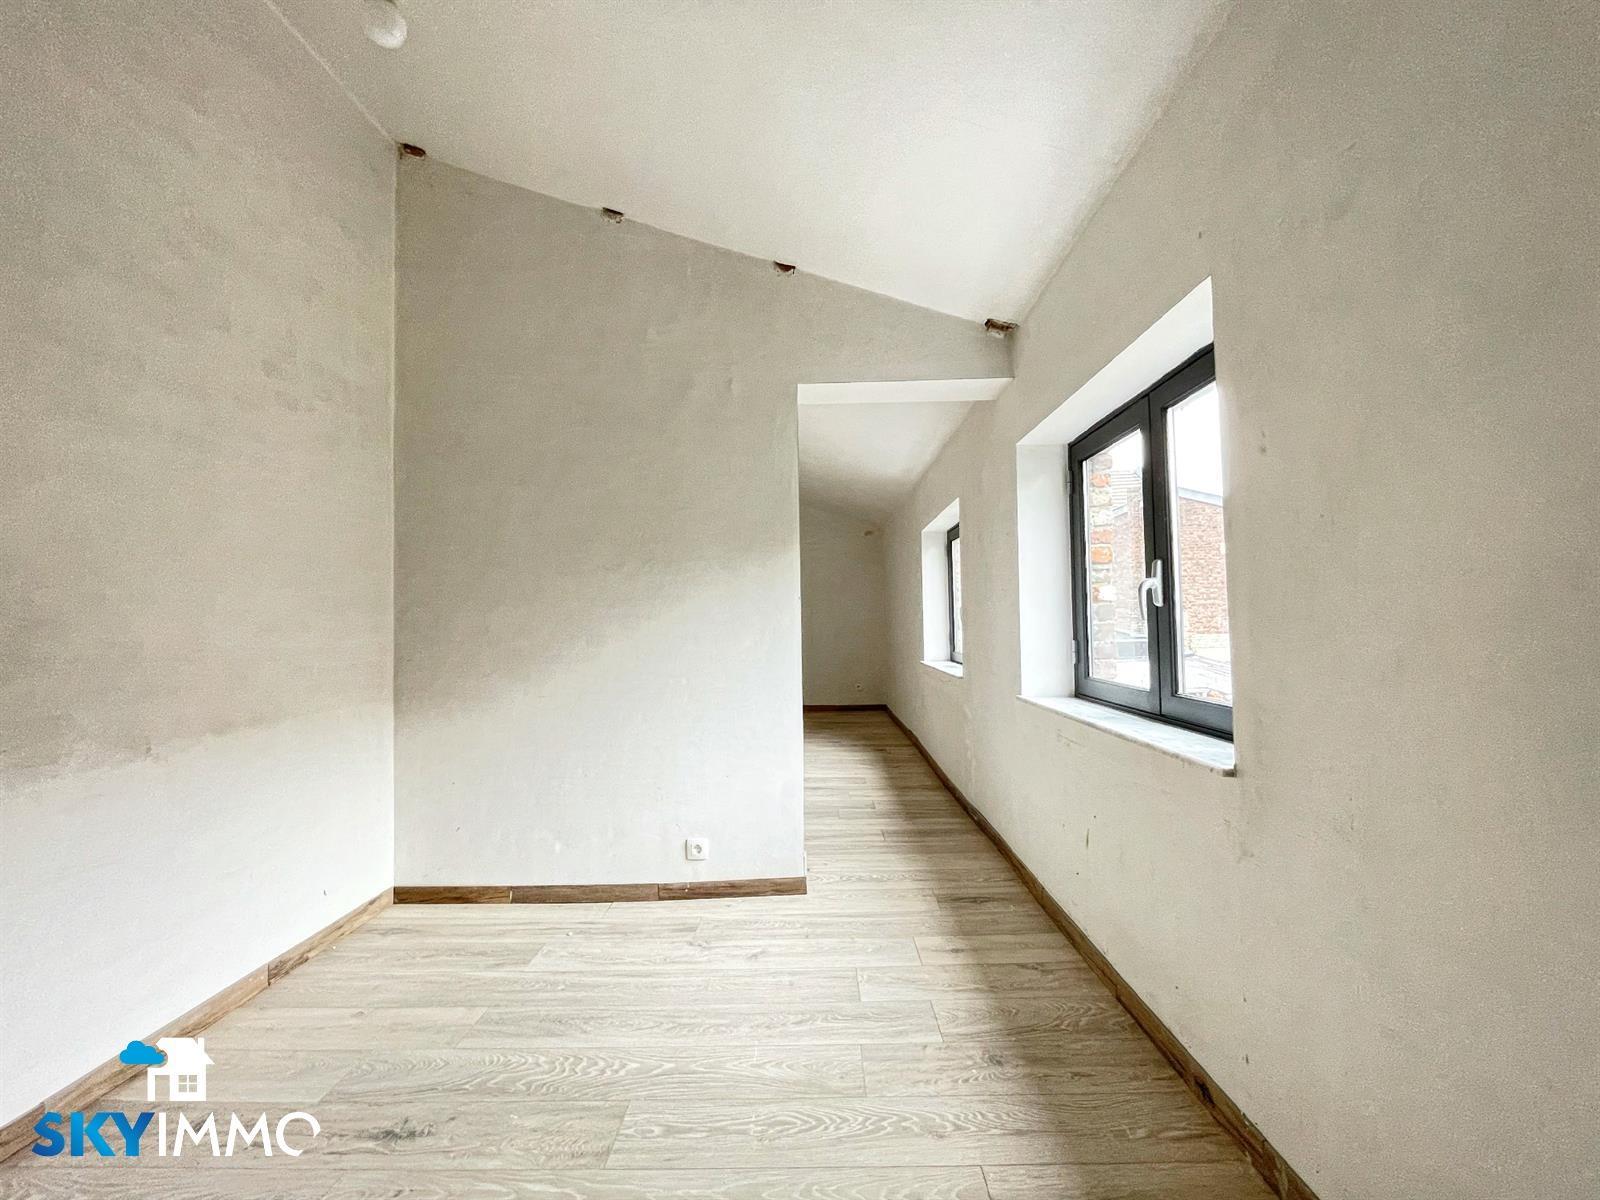 Maison - Seraing - #4399538-25